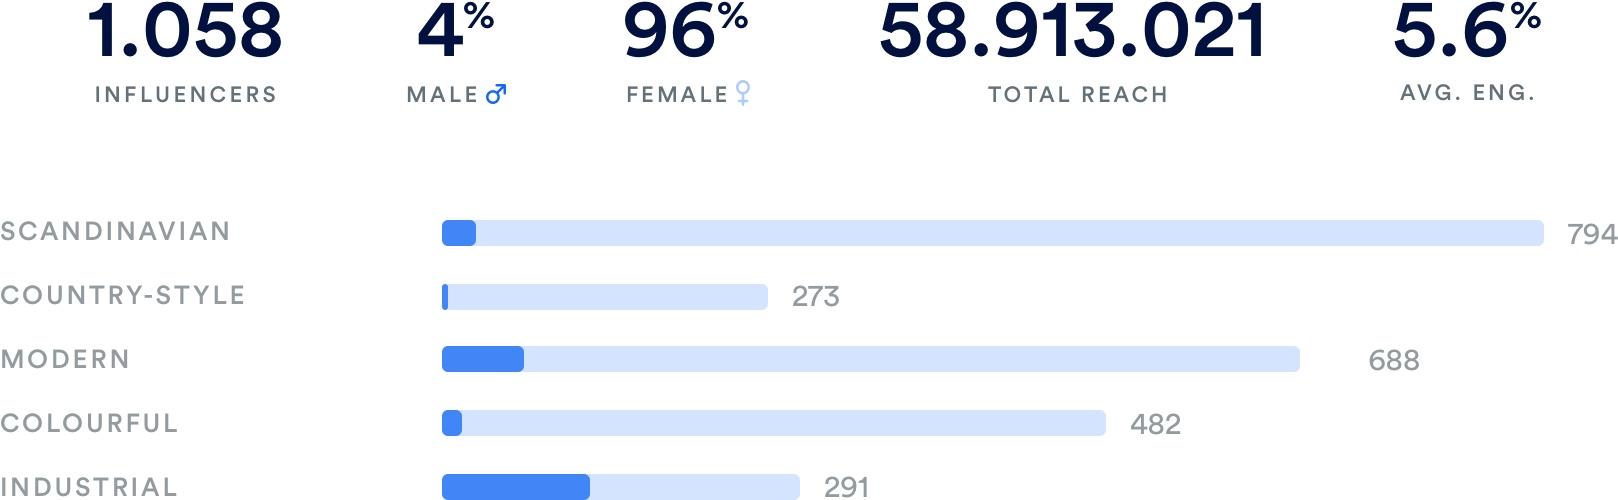 Influencer Statistieken per sector